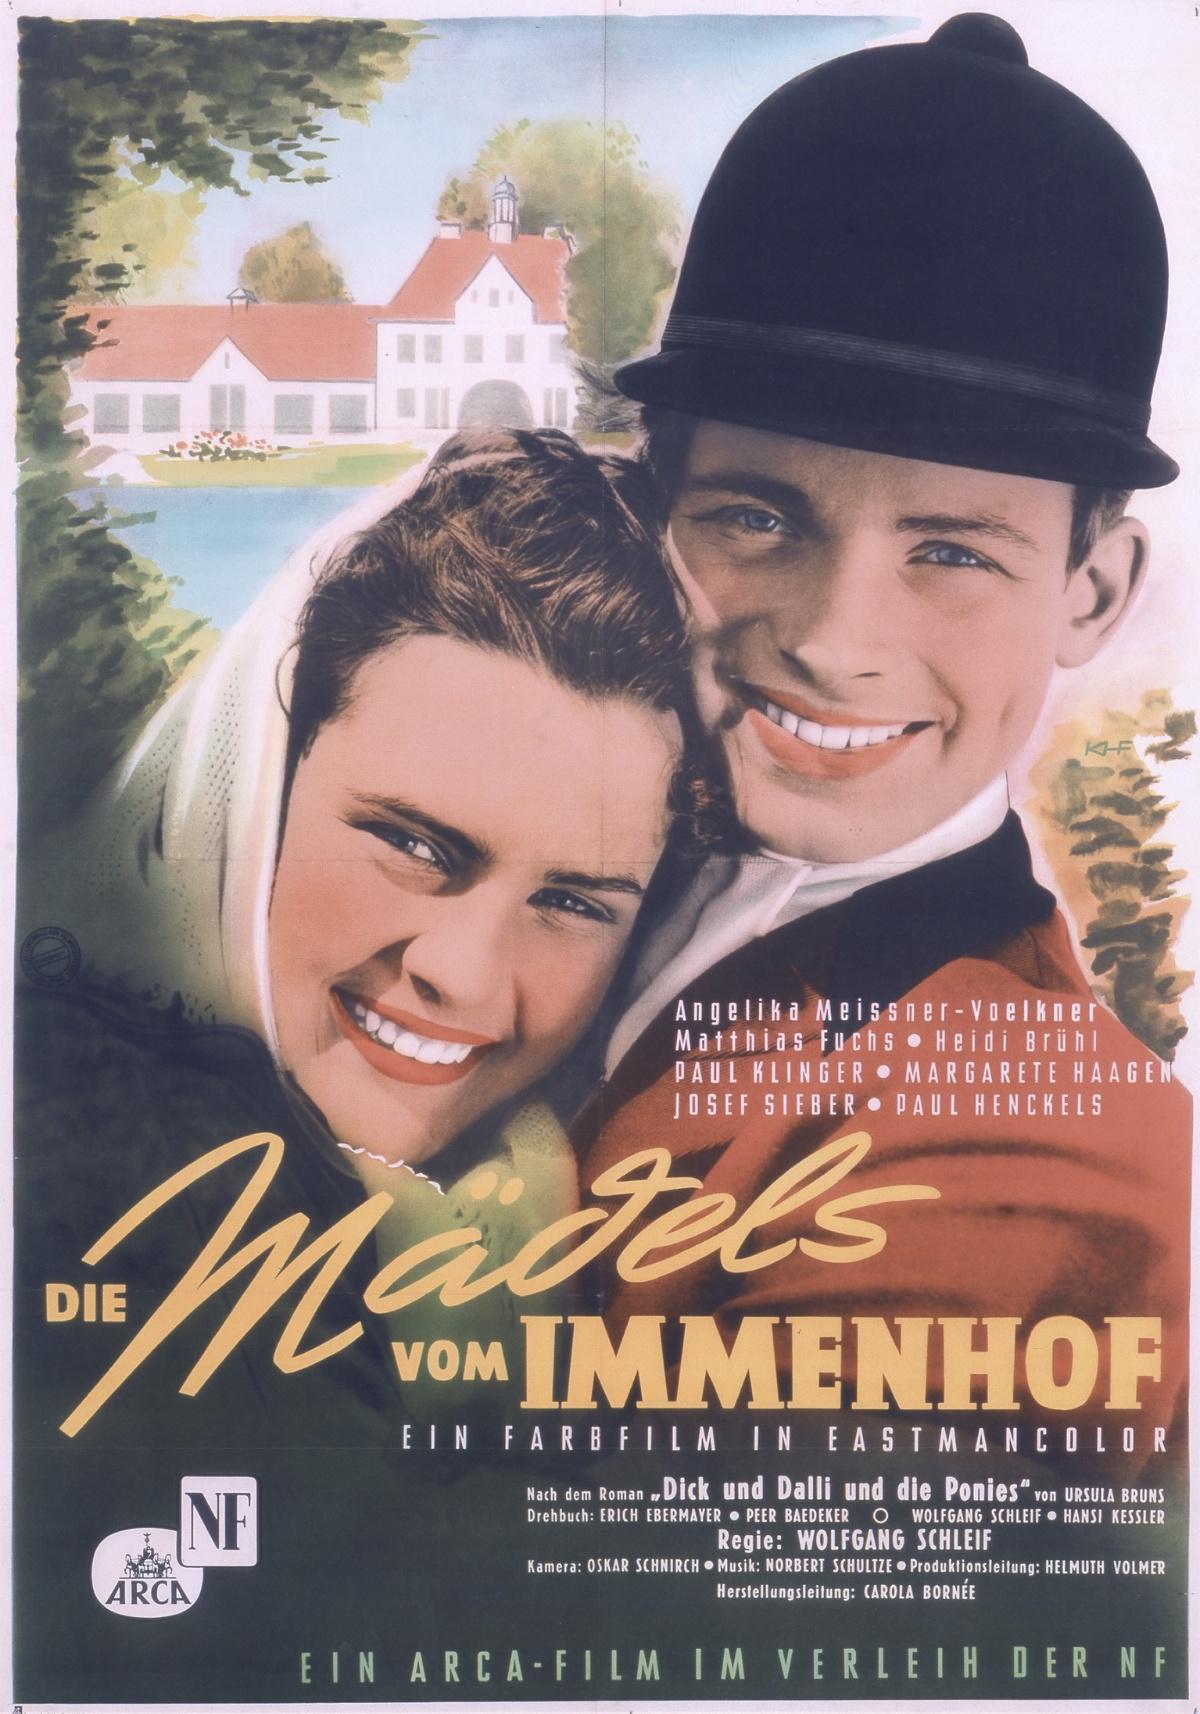 Die Mädels vom Immenhof - vpro cinema - VPRO